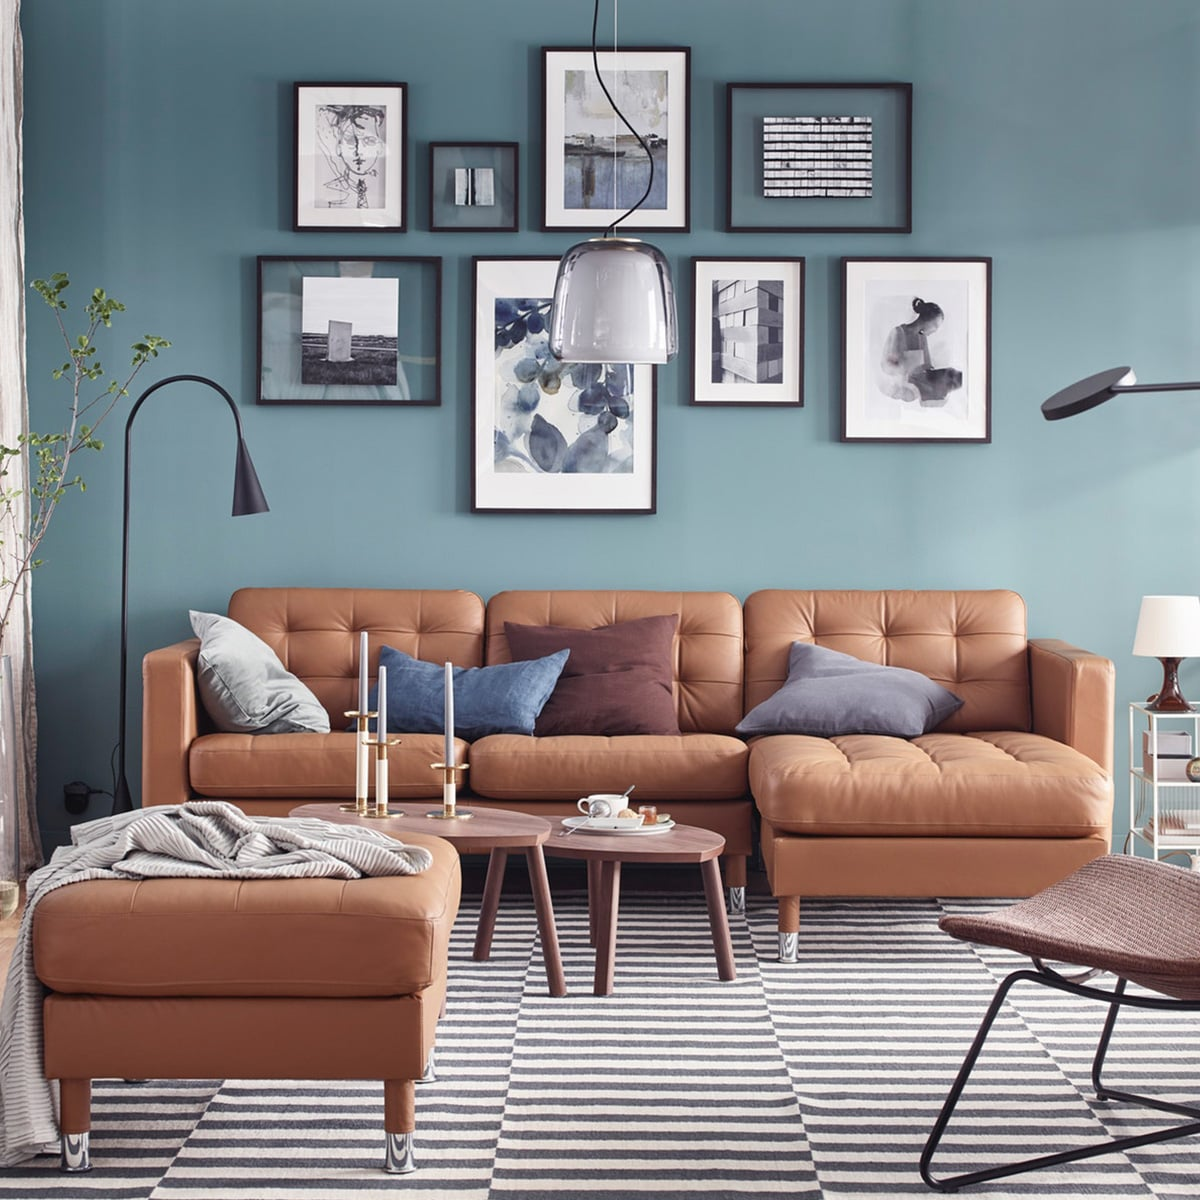 In diesem Wohnzimmer machen wir Luxus erschwinglich mit IKEA LANDSKRONA 3er-Sofa mit Récamiere/Grann/Bomstad goldbraun/Metall mit glatten, abnehmbaren Armlehnen und STOCKHOLM Satztische 2 St. Nussbaumfurnier.